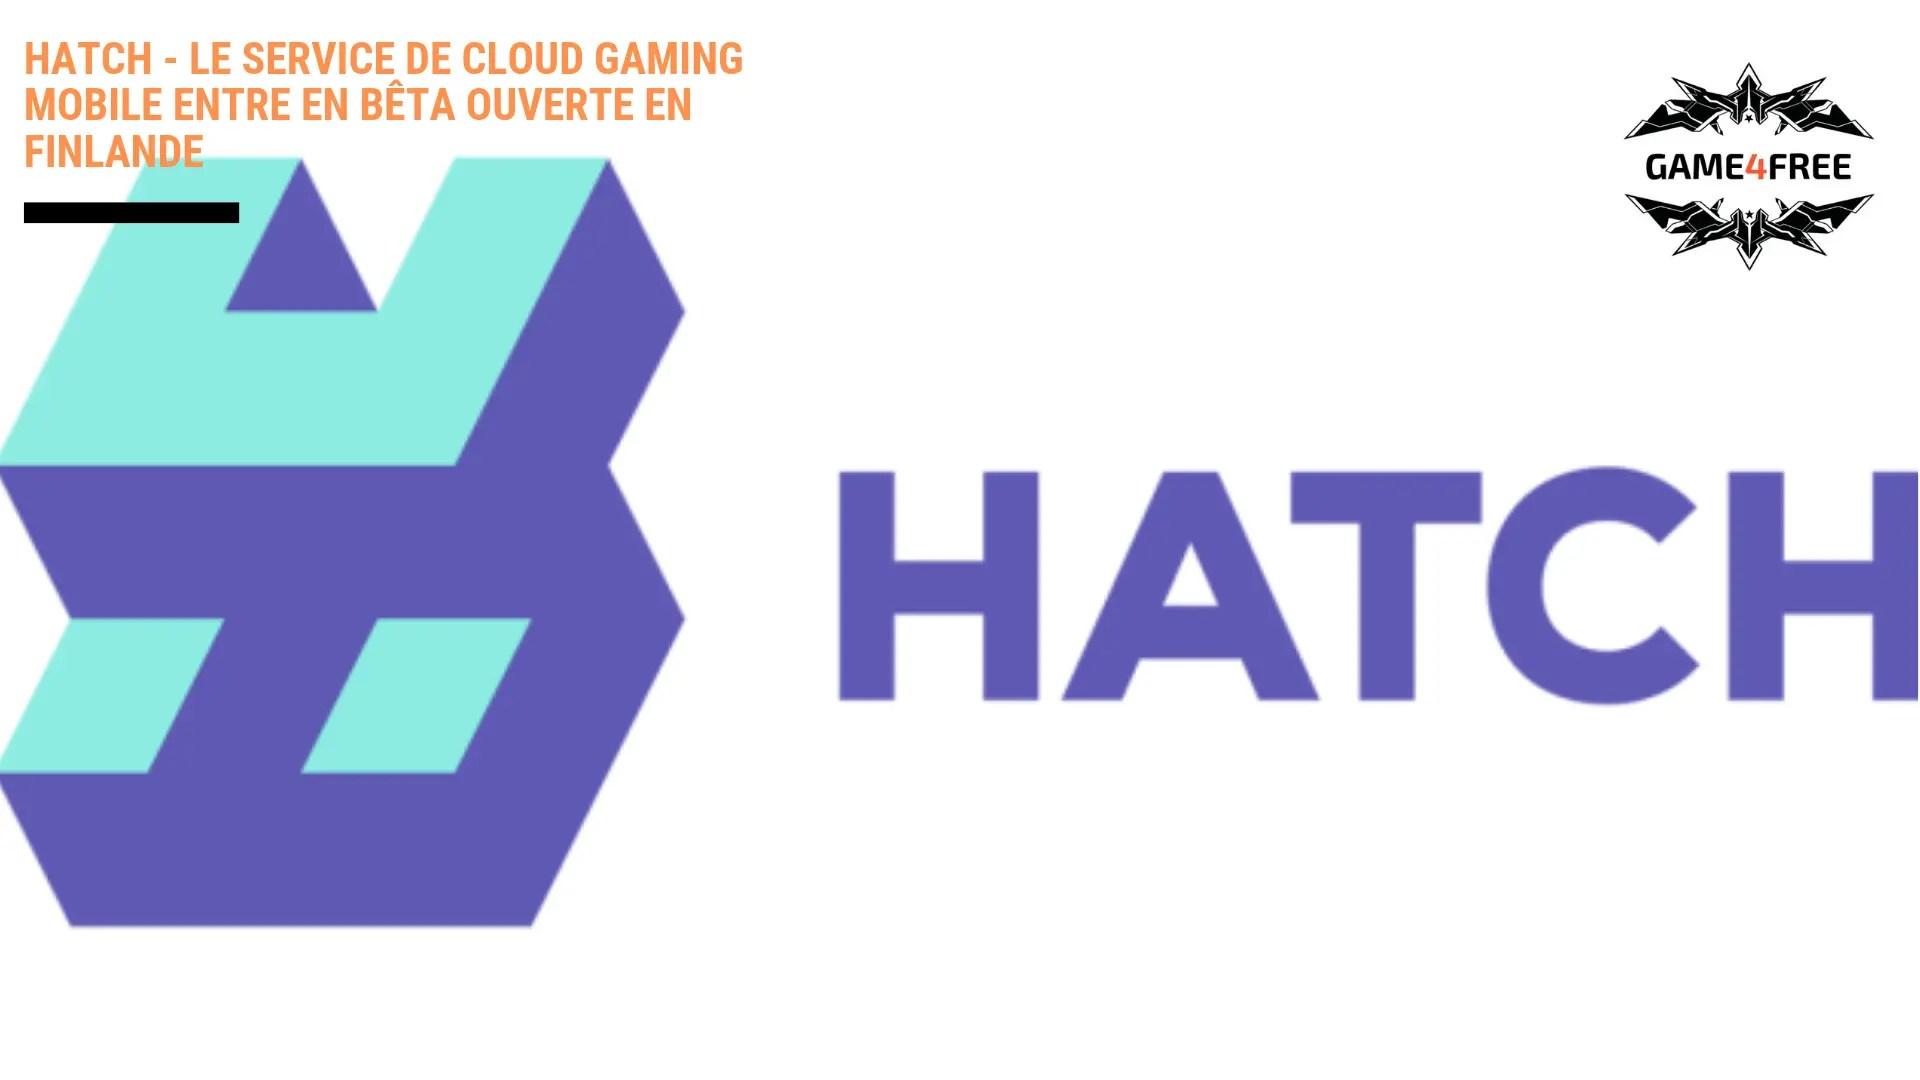 Hatch – Le service de cloud gaming mobile entre en bêta ouverte en Finlande